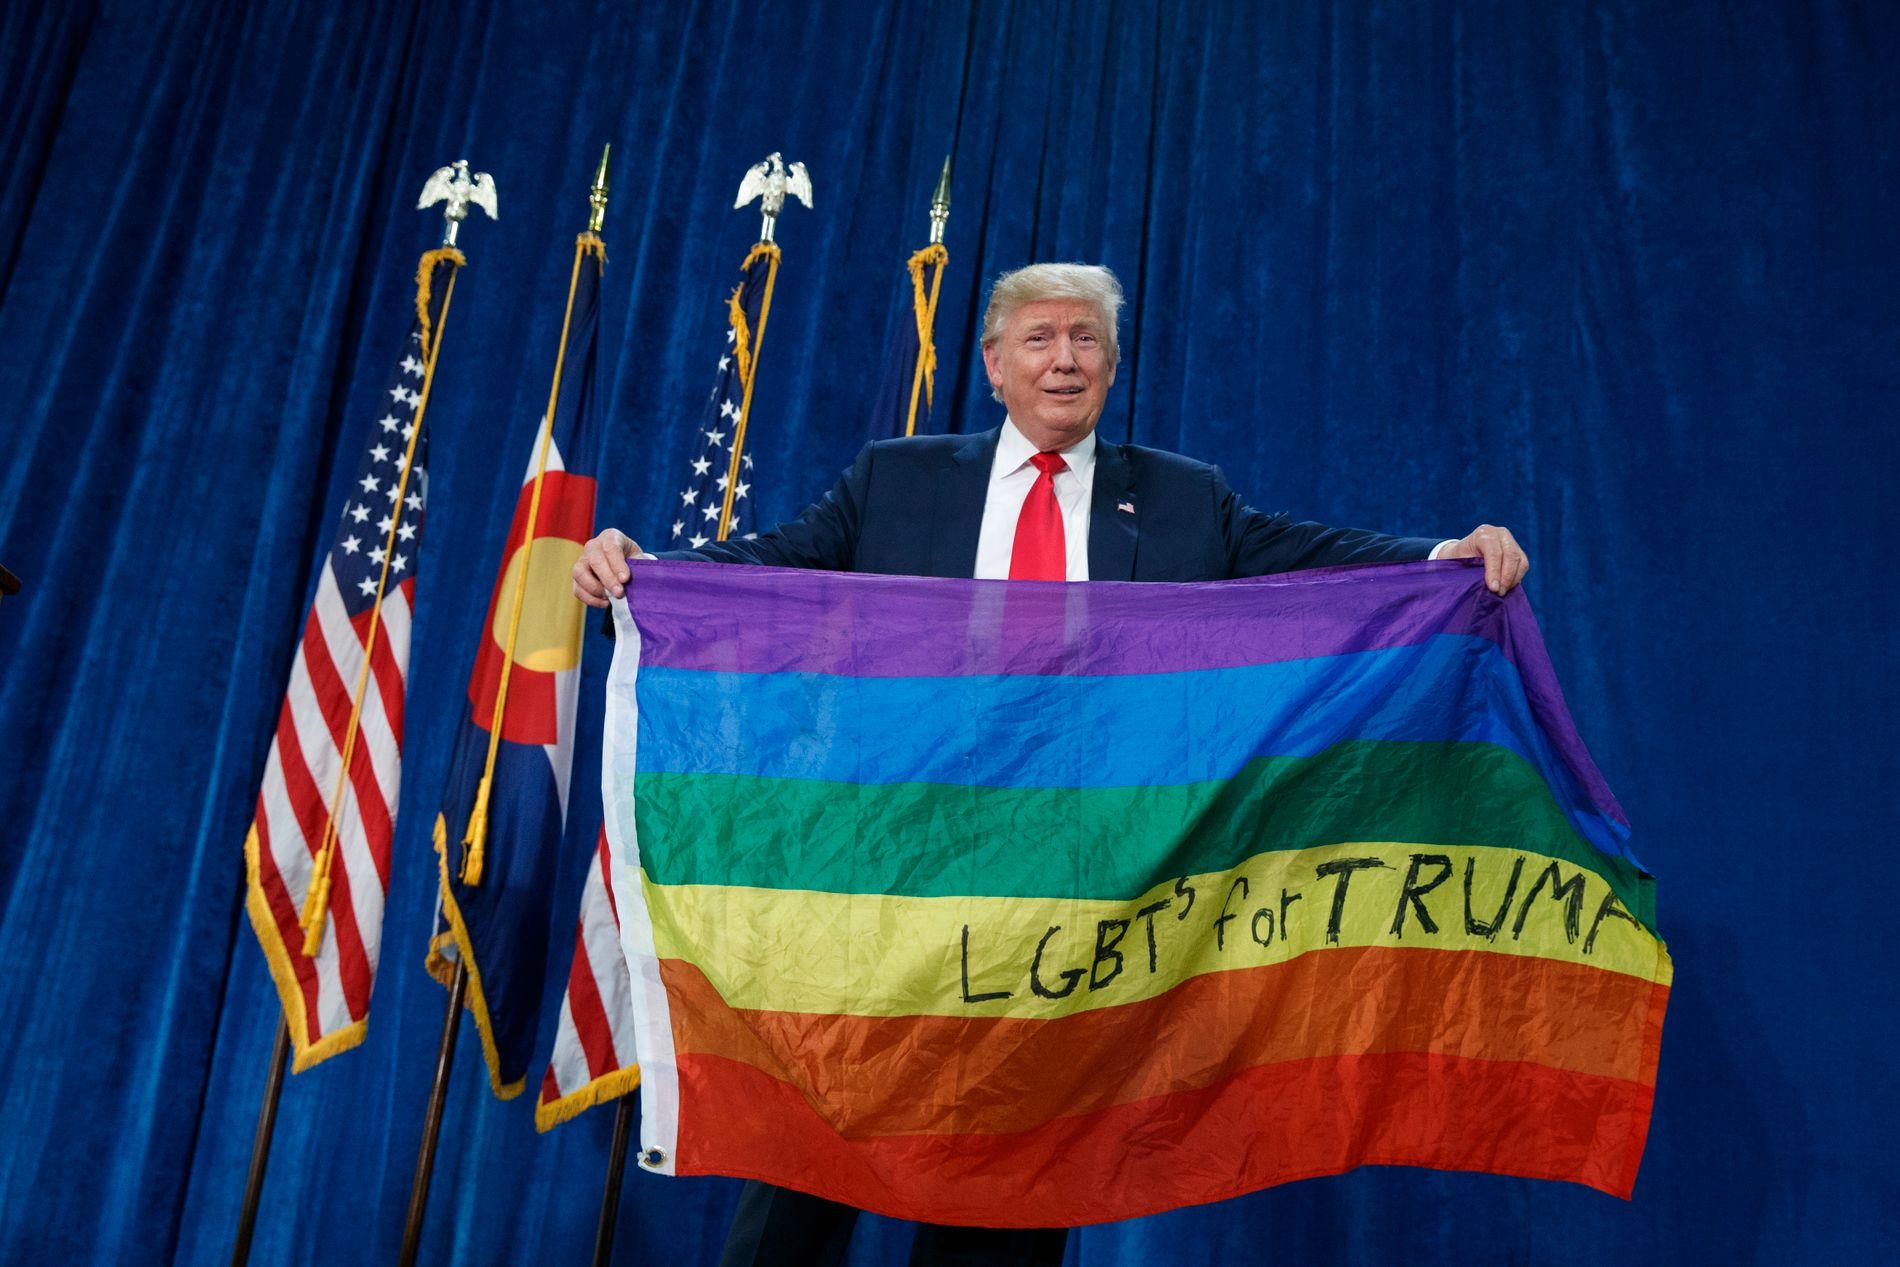 FLAGGET: President Donald Trump har sviktet LHBT-befolkningen han lovet å hjelpe, skriver BT på lederplass. På bildet lar Trump regnbueflagget blafre på et valgkamparrangement i Colorado.